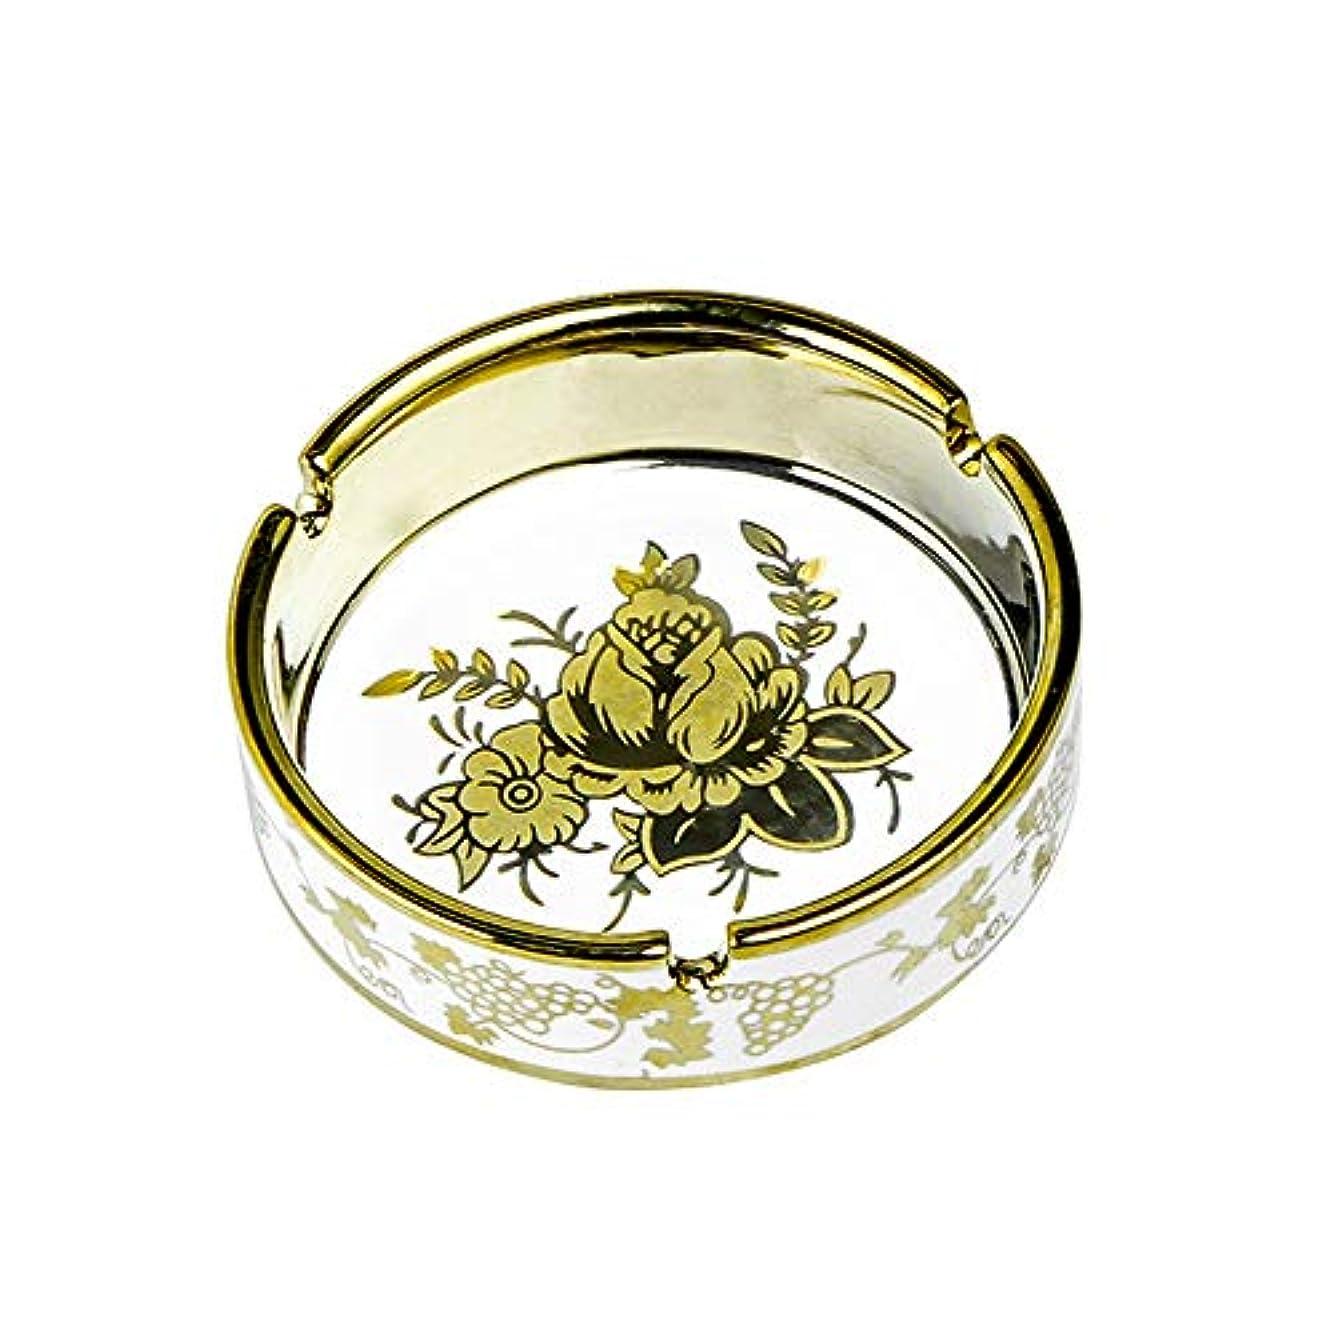 次へプレフィックスリムタバコ、ギフトおよび総本店の装飾のための円形の光沢のあるセラミック灰皿